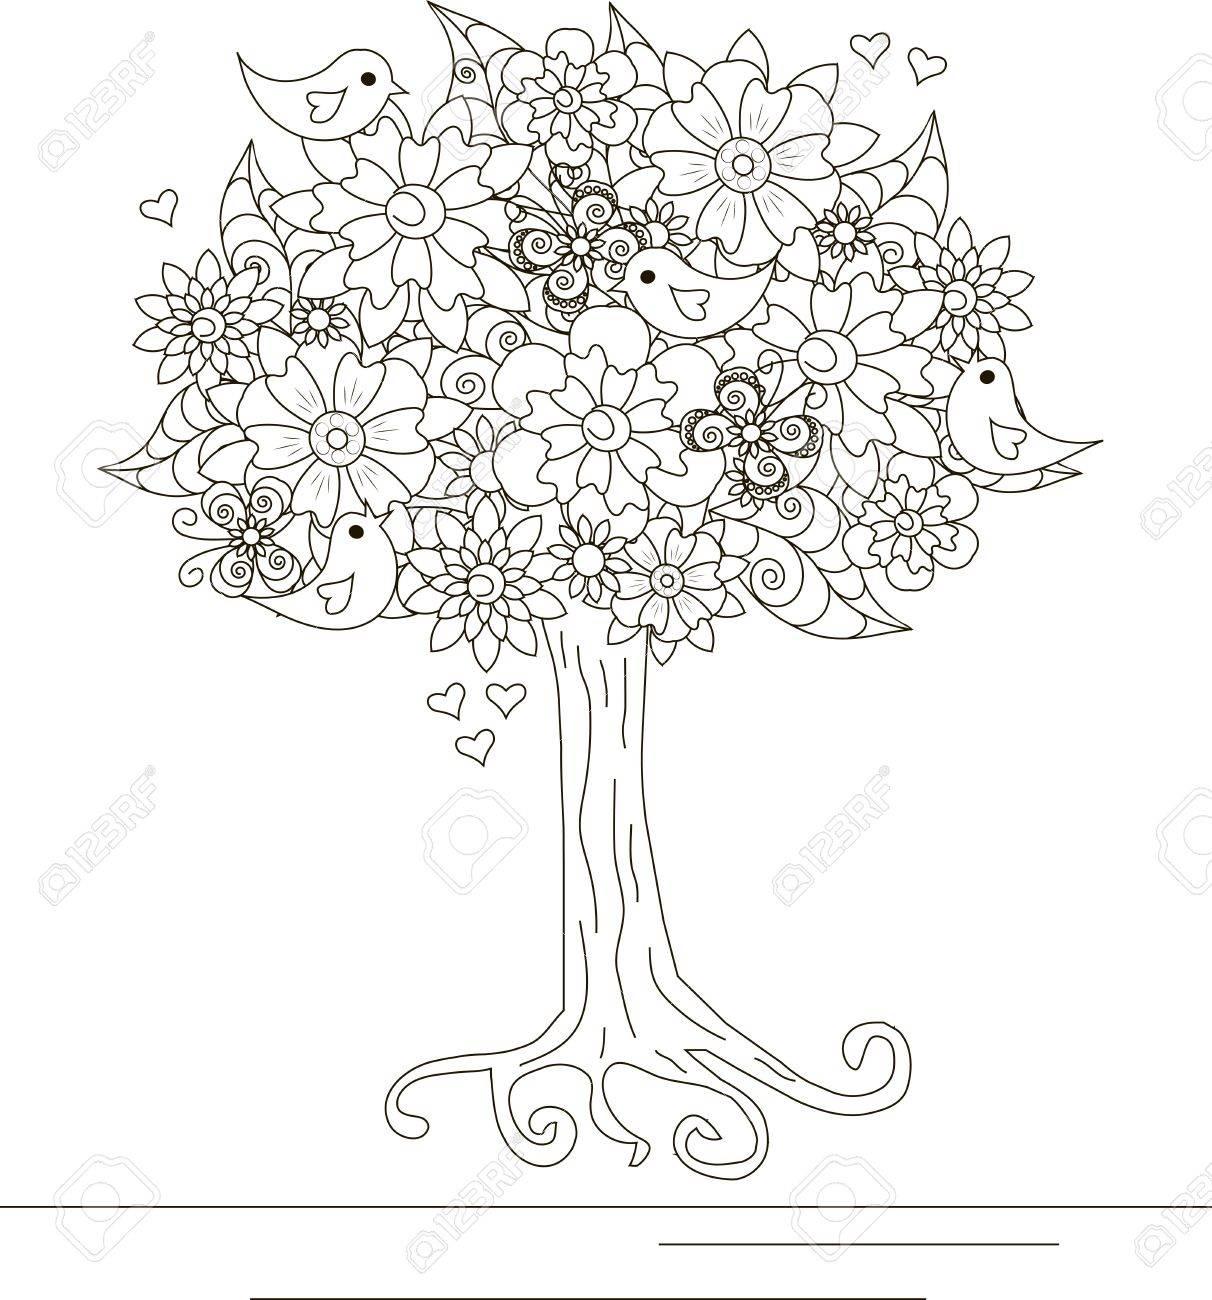 Coloriage Arbre Et Oiseau.Arbre En Fleurs Avec Amour Des Oiseaux Et Des Papillons Pour Livre A